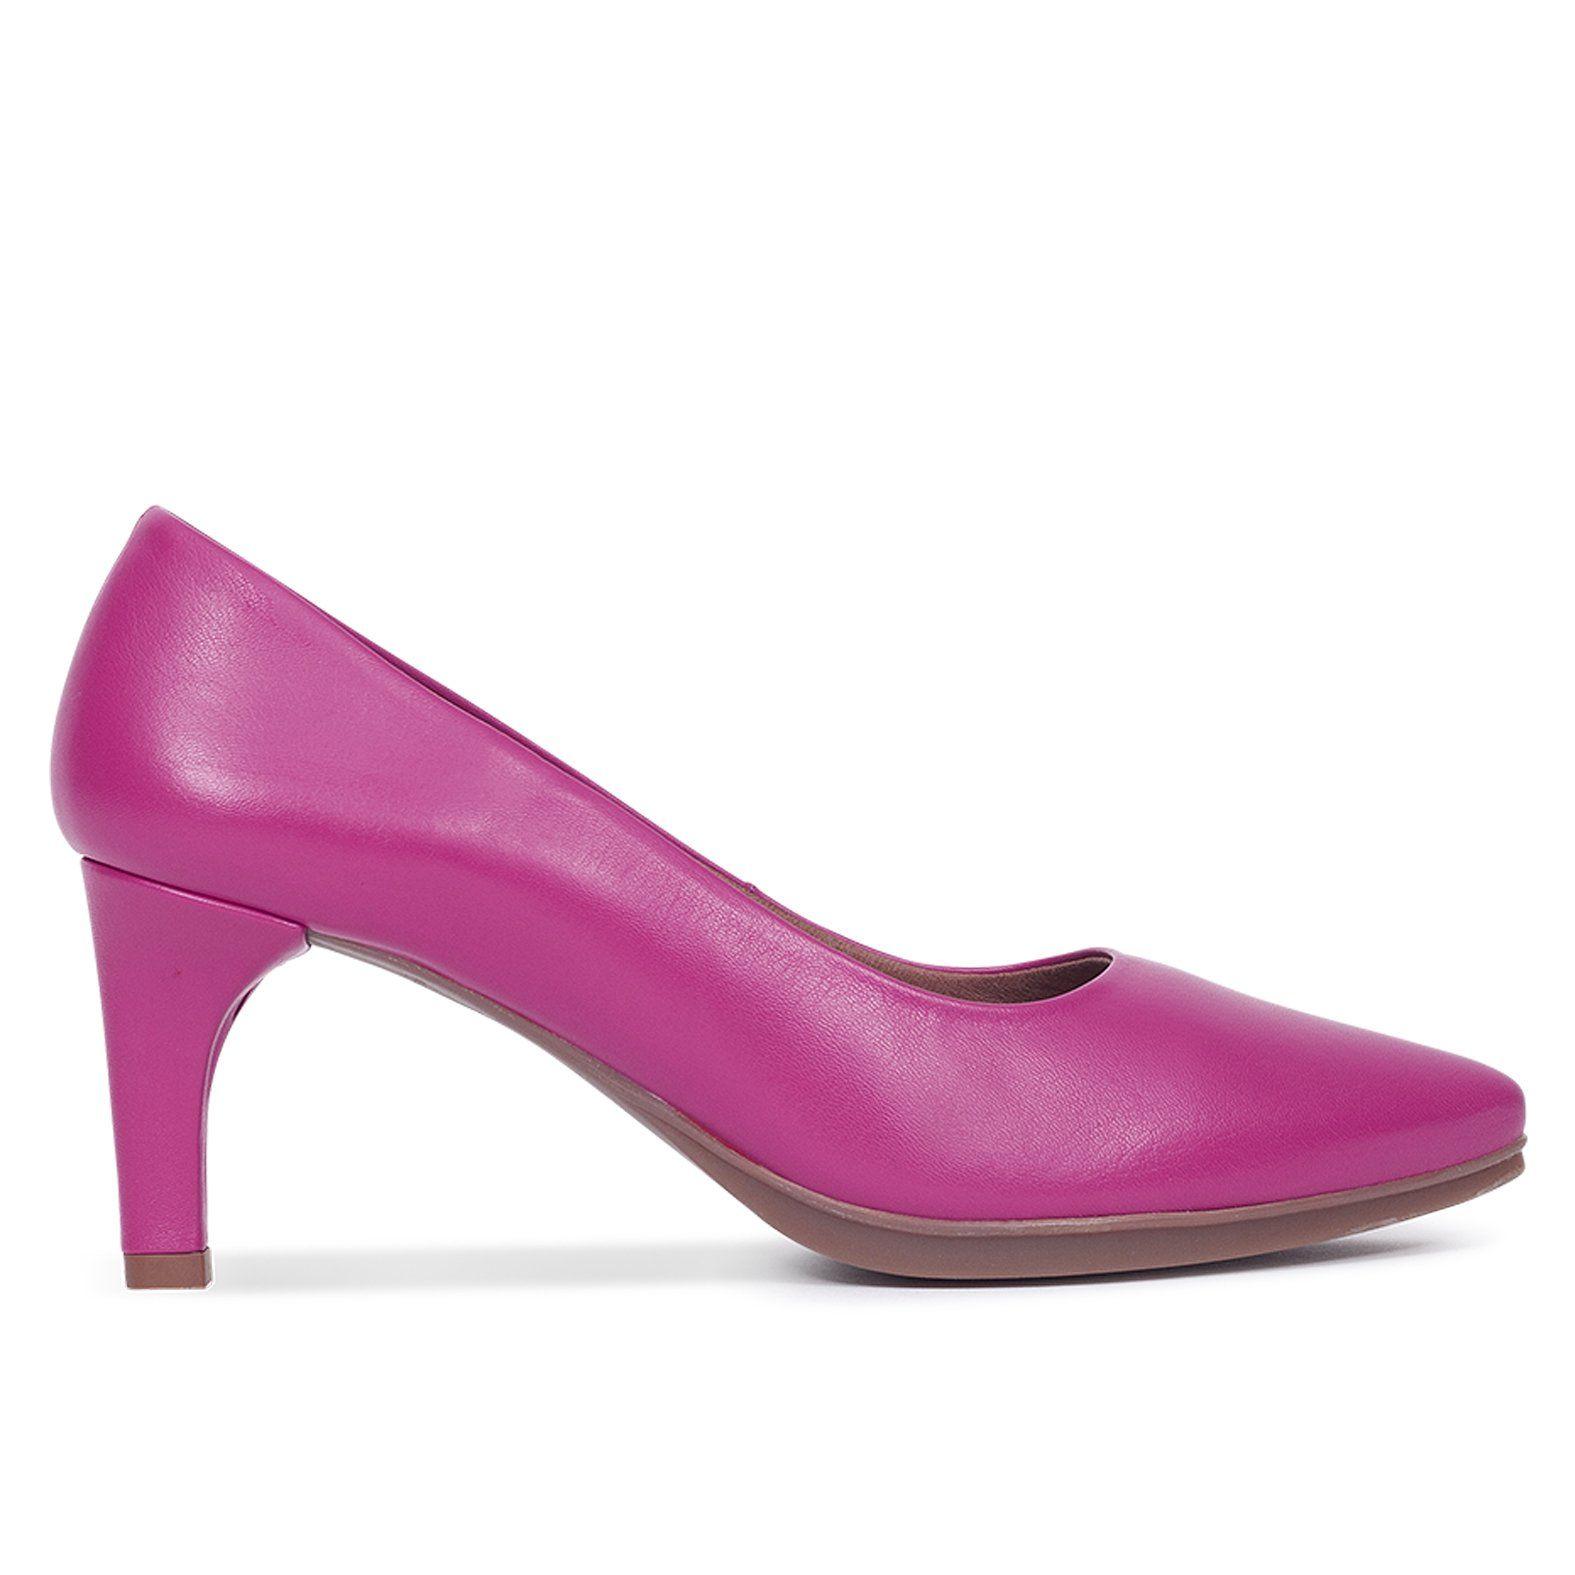 193f5e037 Zapatos stilettos FUCSIA con tacón aguja – Zapatos miMaO Online – miMaO  ShopOnline